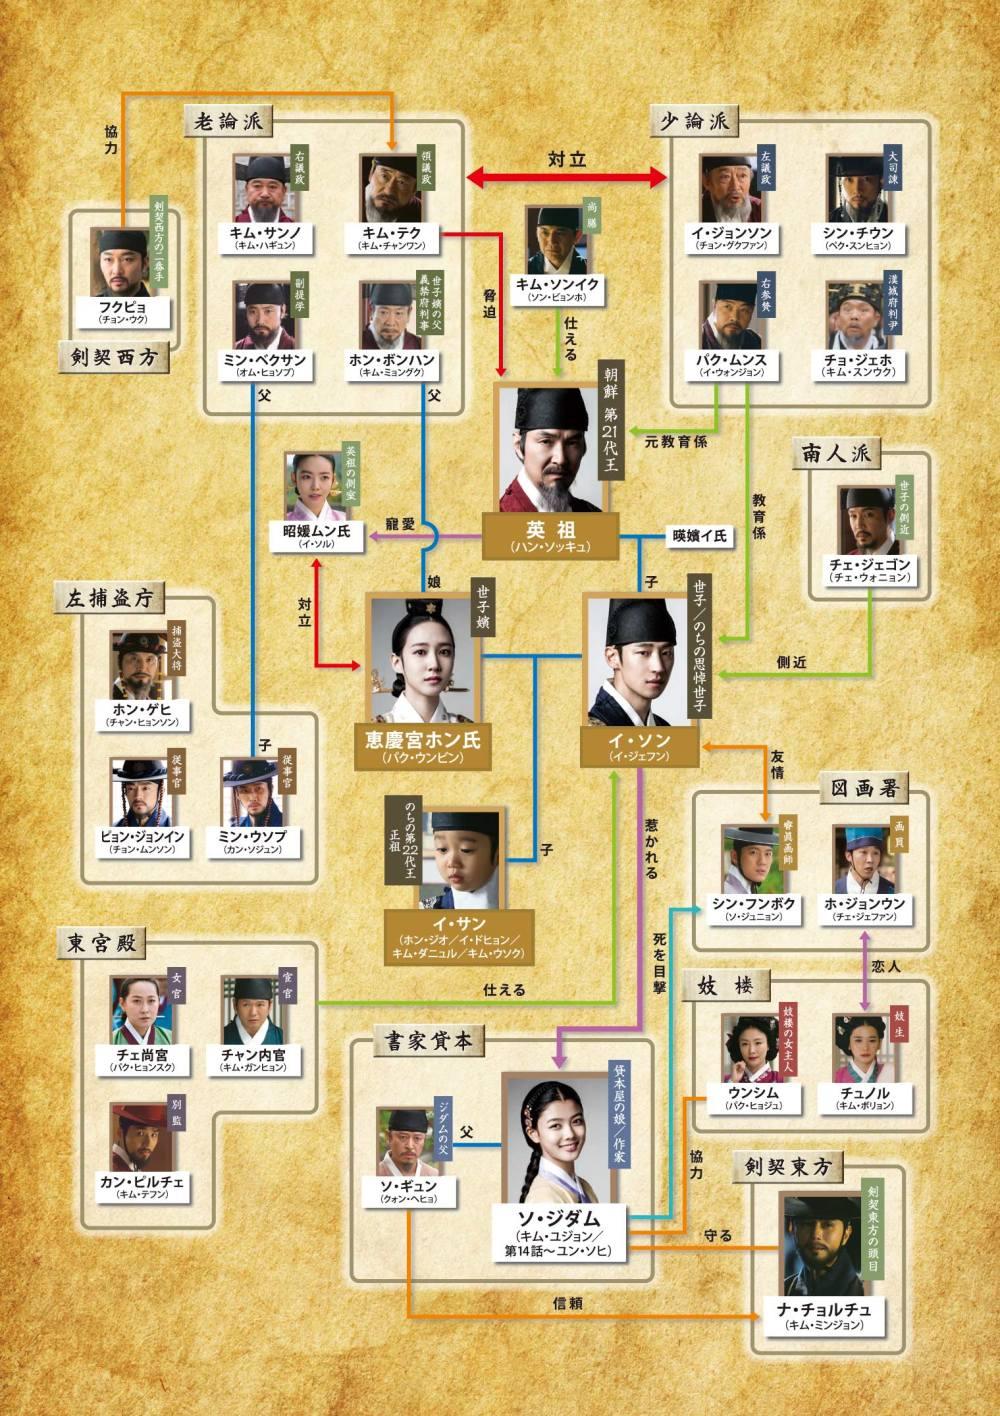 韓国ドラマ「秘密の扉」人物相関図